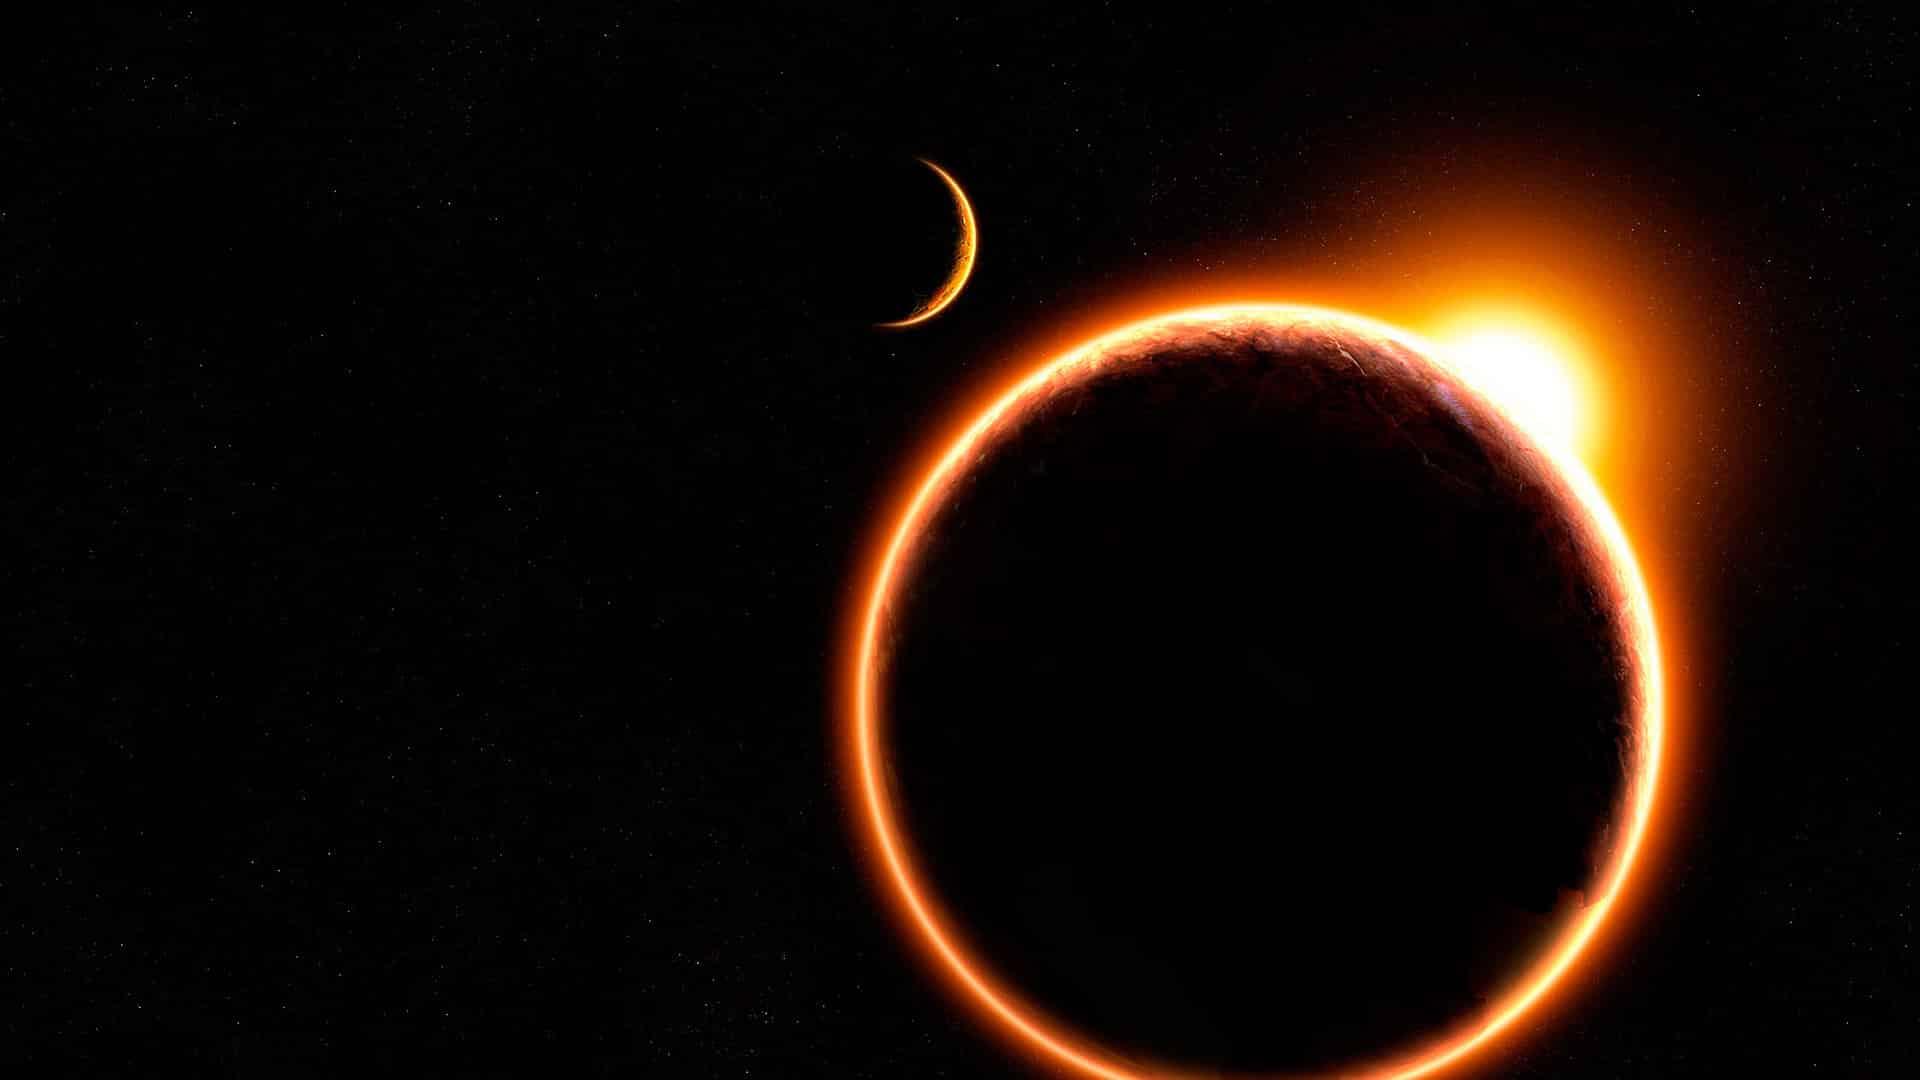 В декабре 2019 солнце погаснет на шесть дней: новый катаклизм или очередной фейк